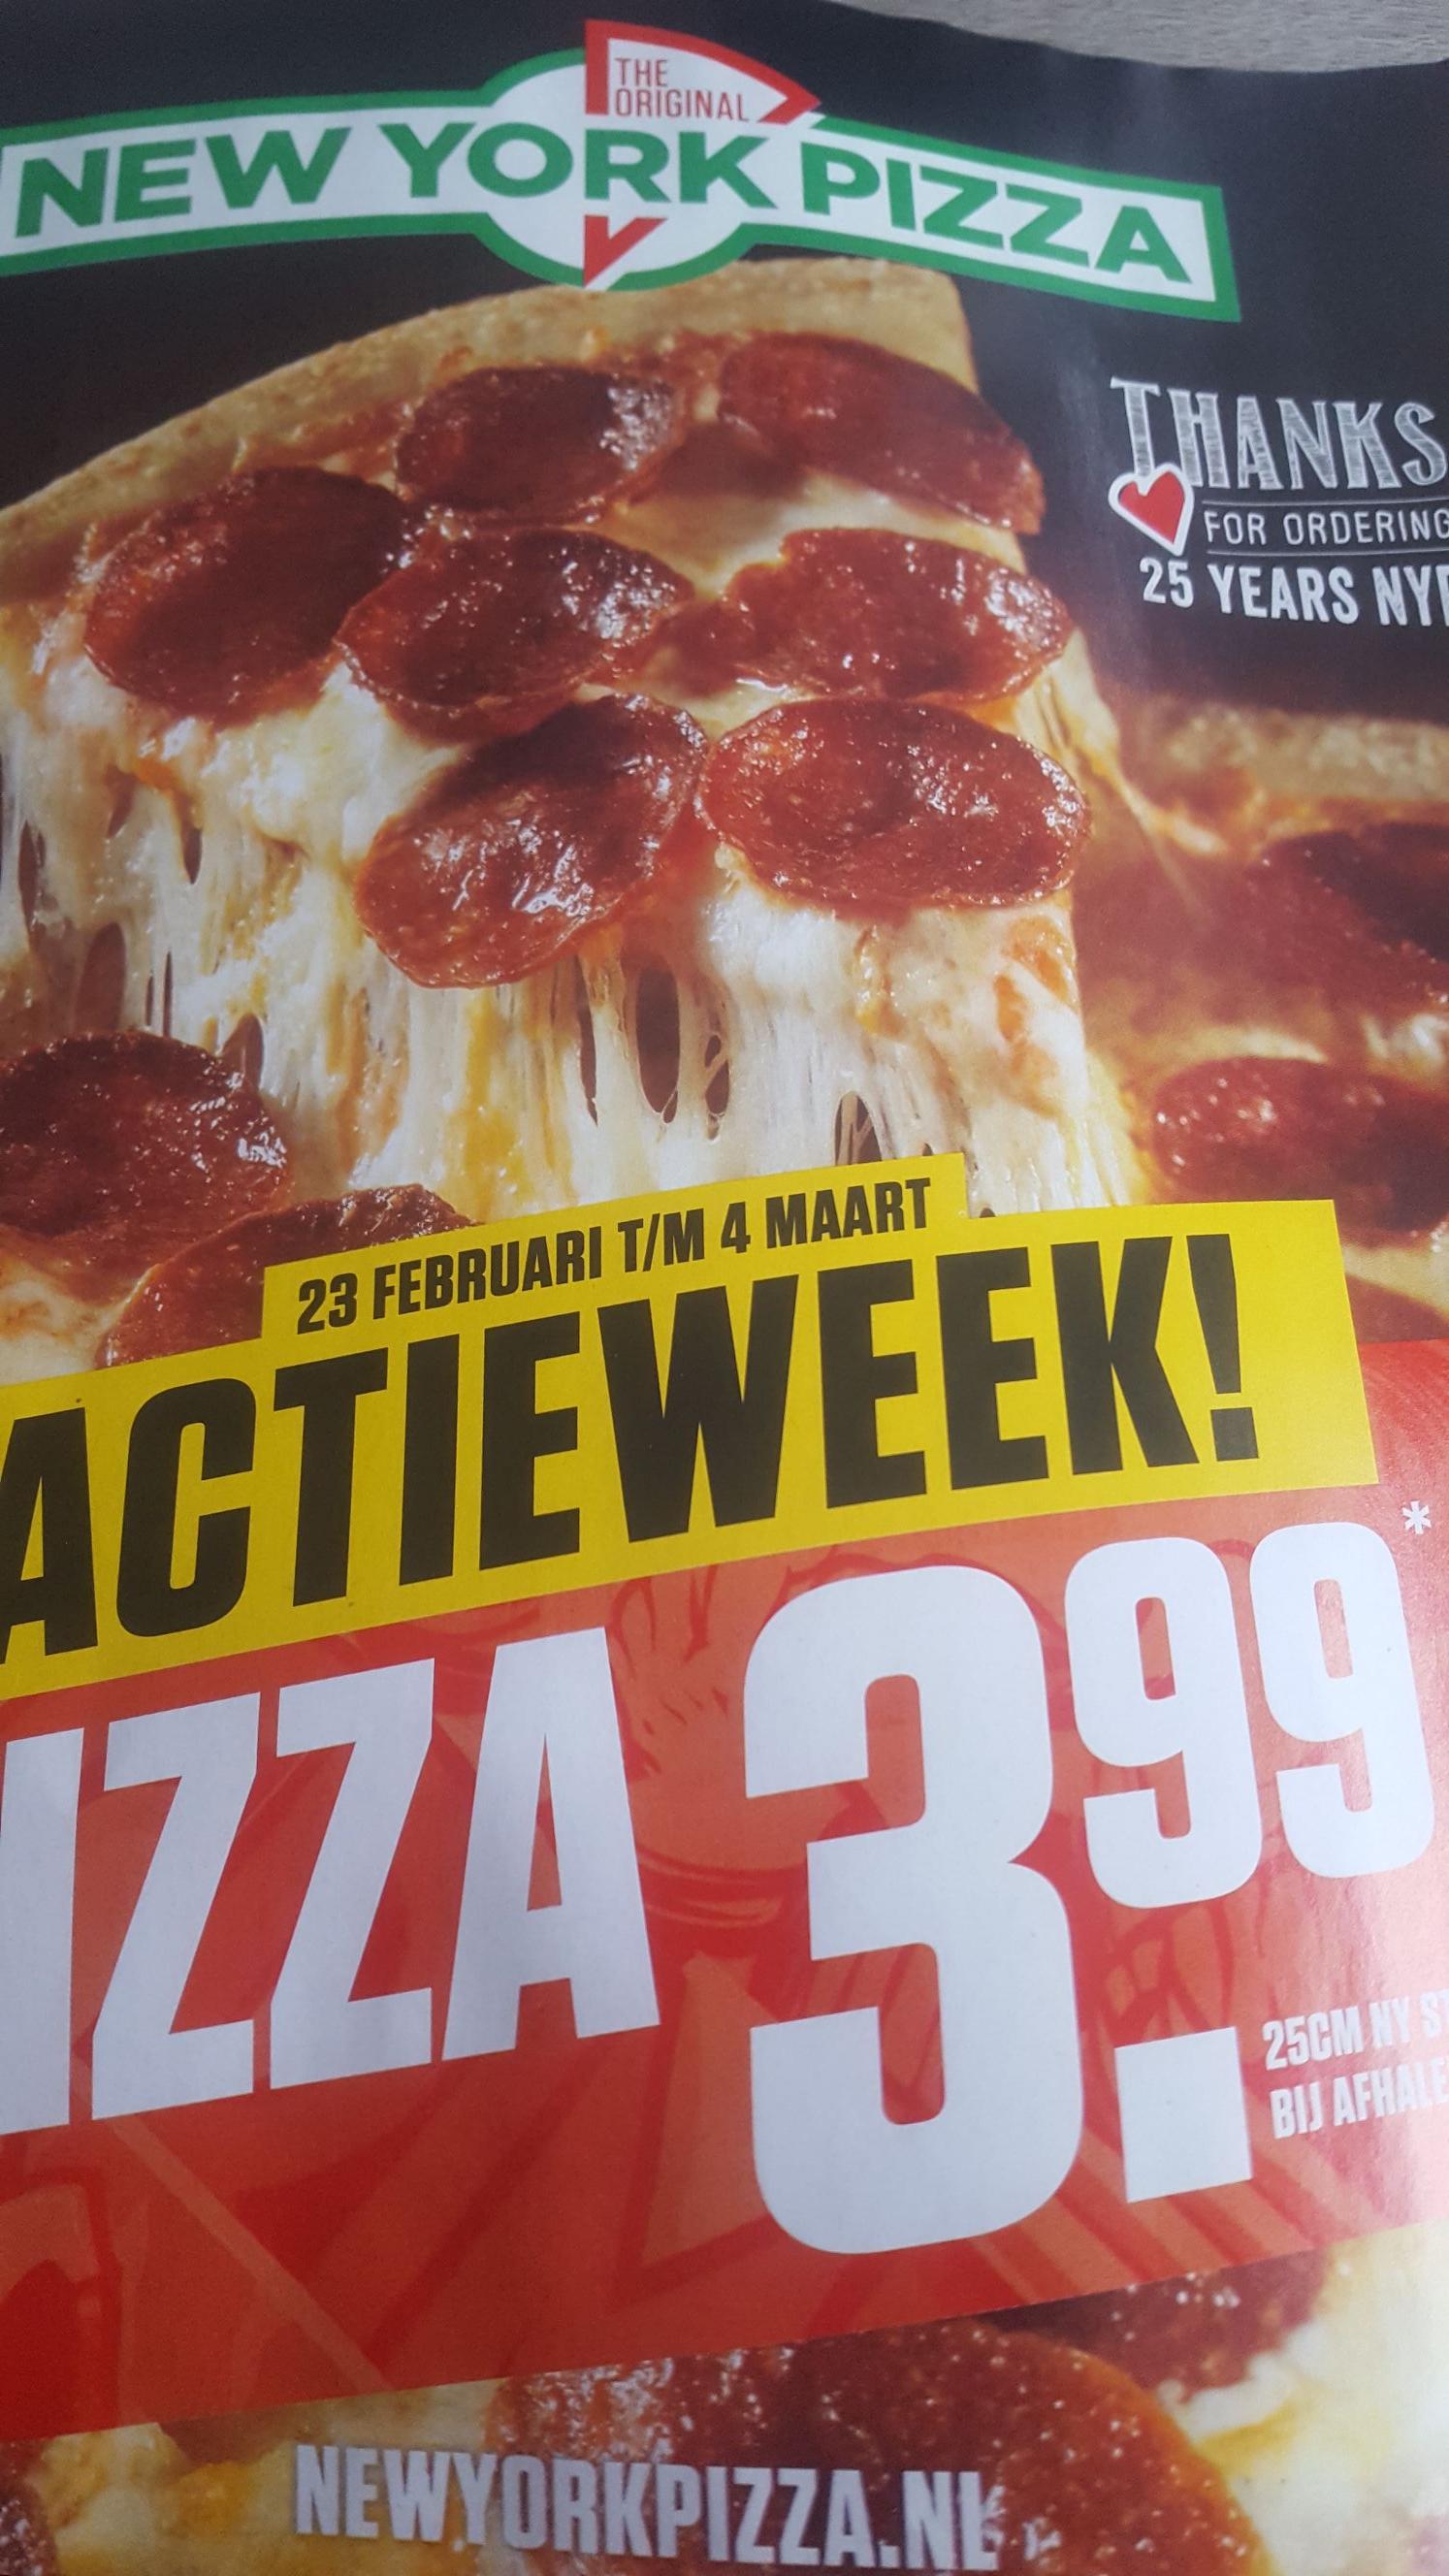 New York Pizza actie week. Alle pizza's 25cm ny voor 3,99 vanaf 23 februari bij afhalen